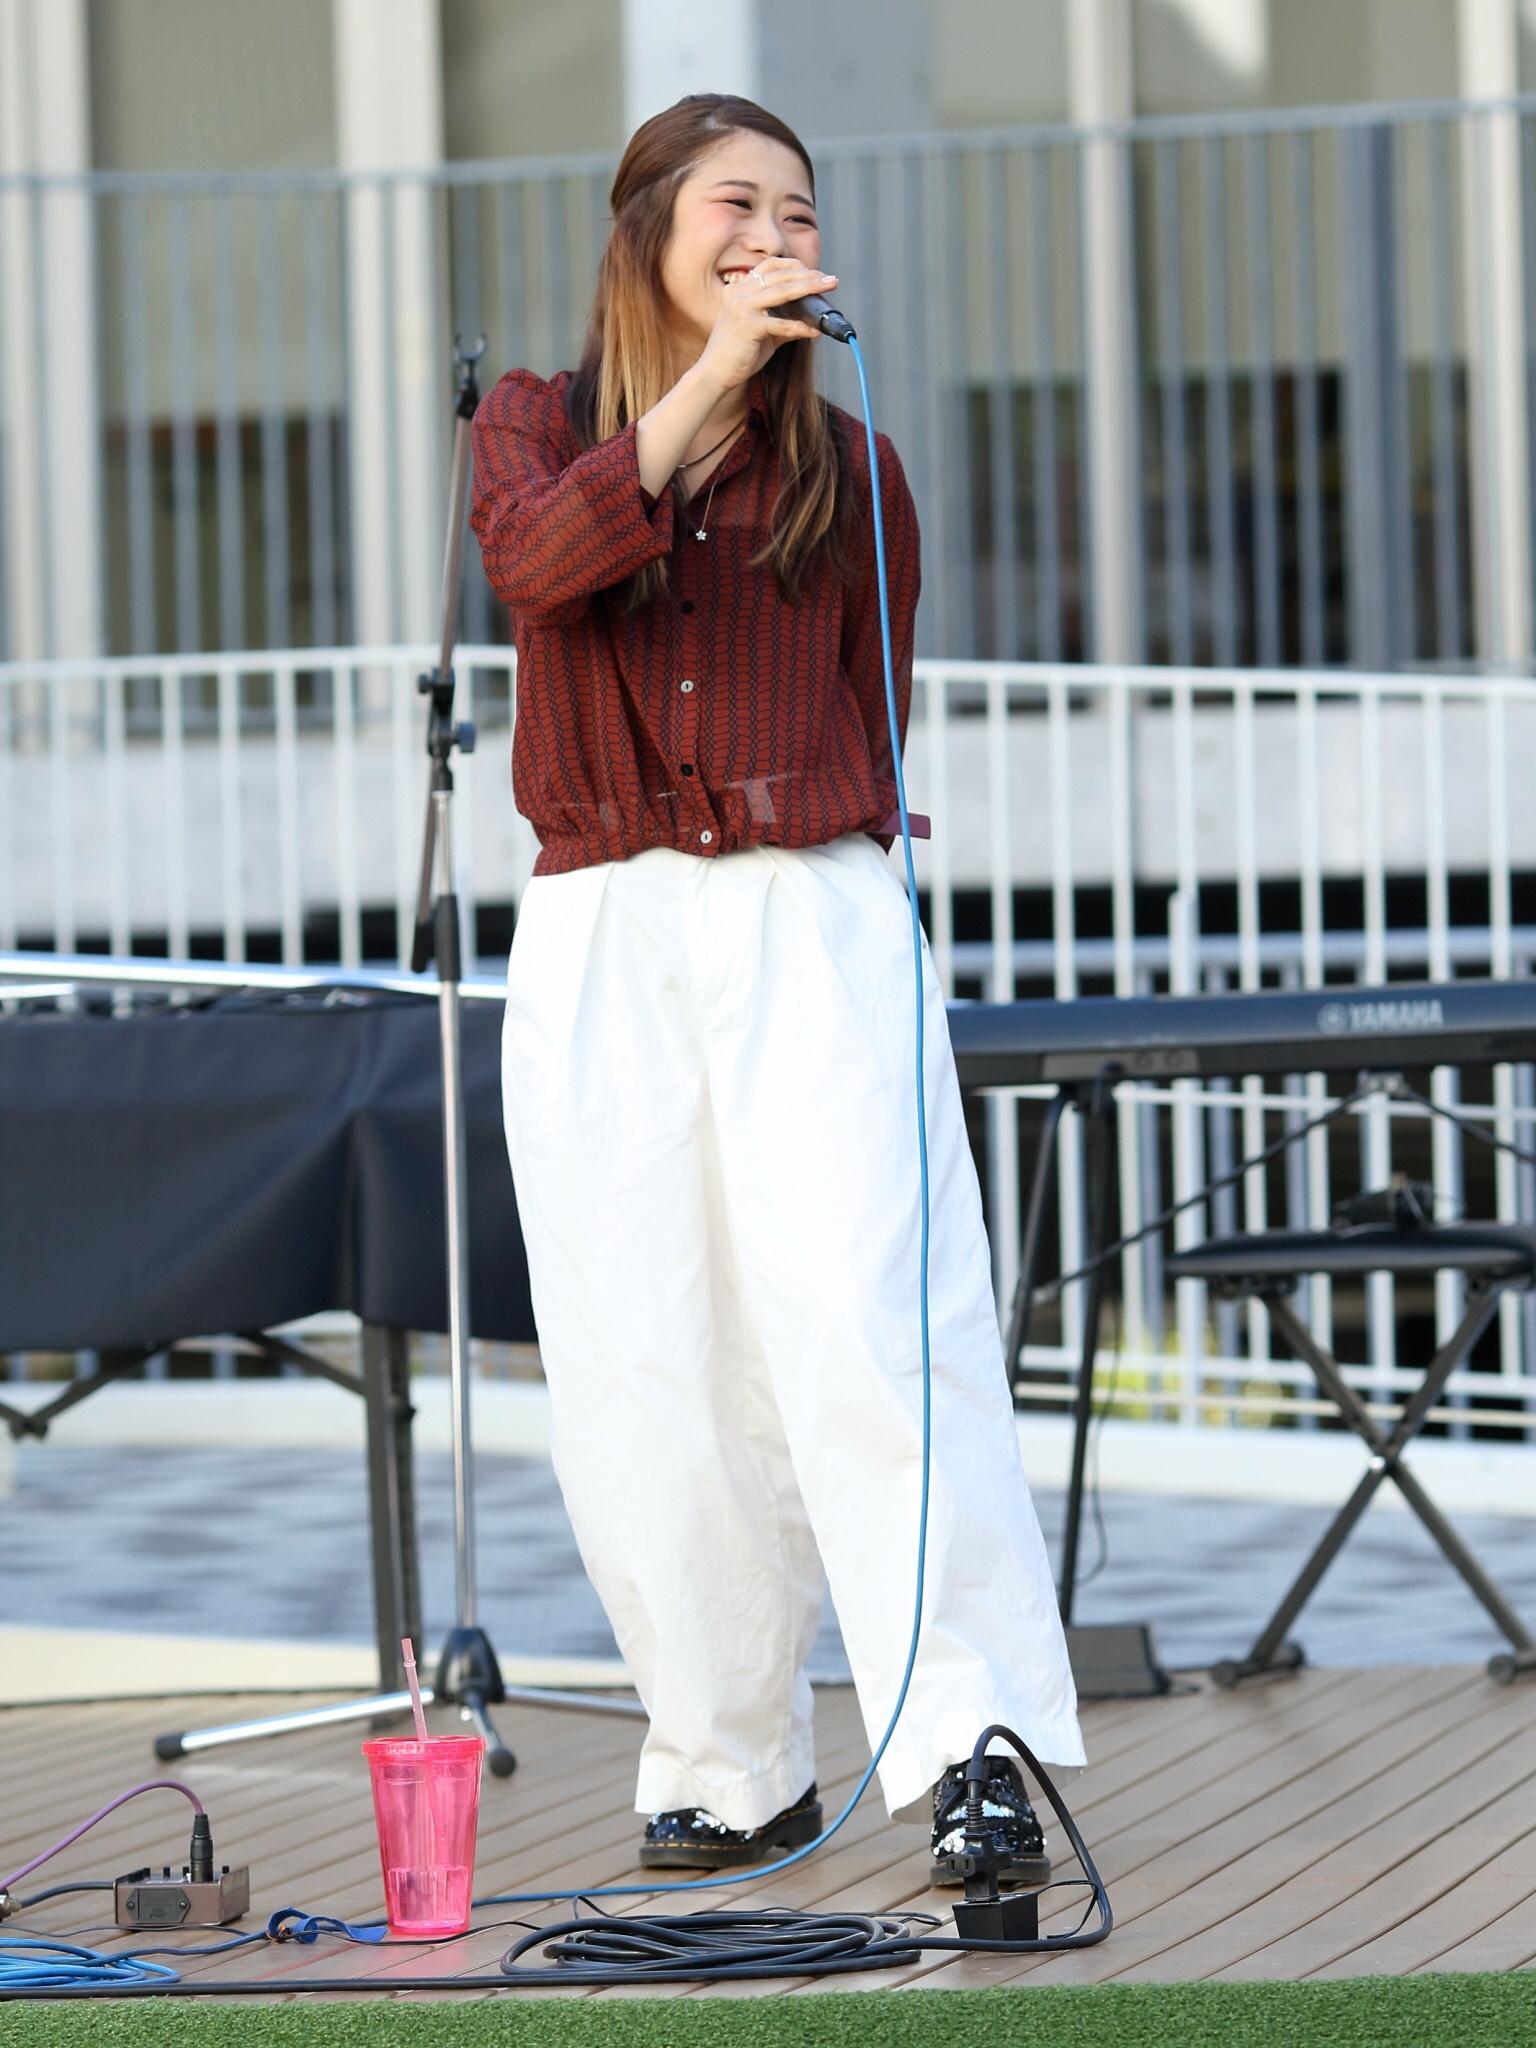 【そろそろ 秋服】シンガーソングライターうたうゆきこのLive photo【ファッション】_1